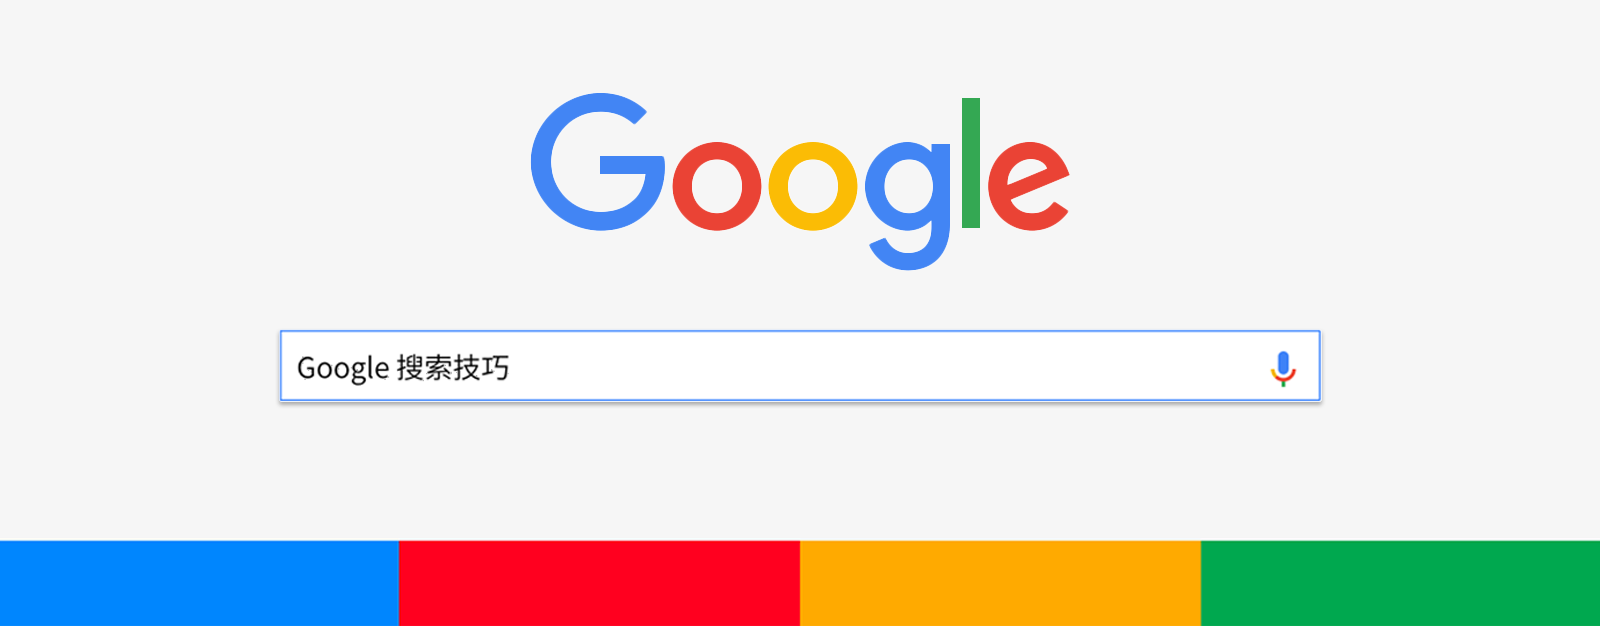 15 个提高 Google 搜索效率的小技巧